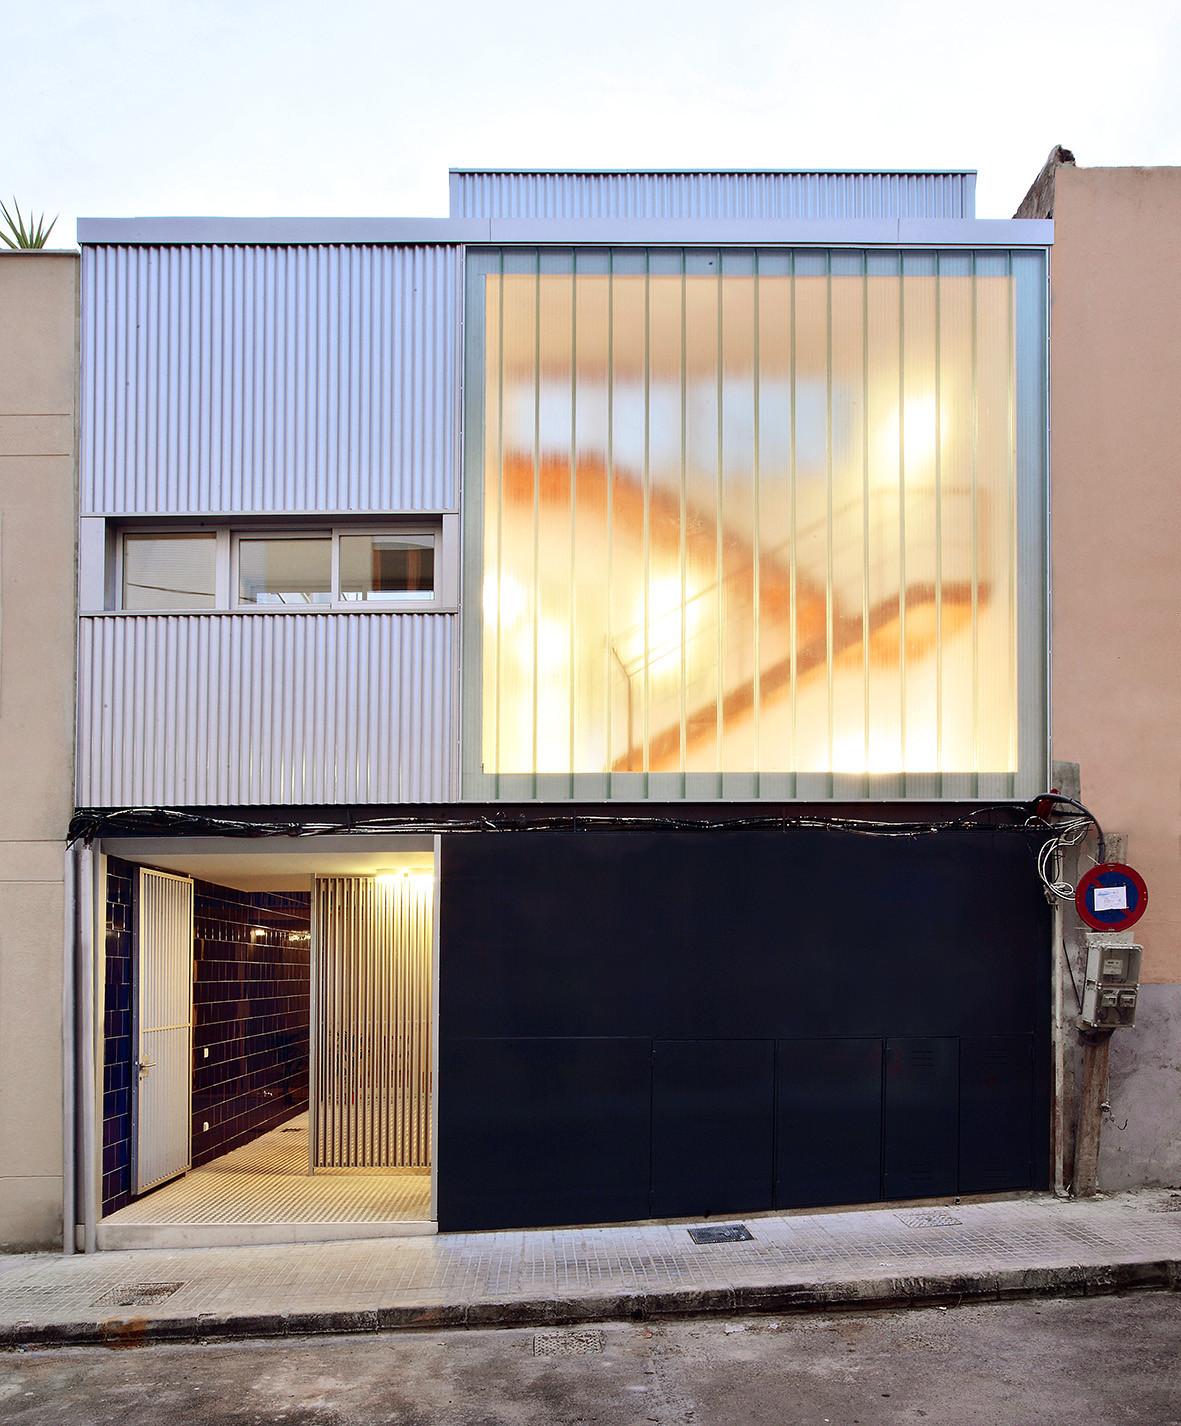 Dos Departamentos en Mallorca / Flexo Arquitectura, © José Hevia Blach